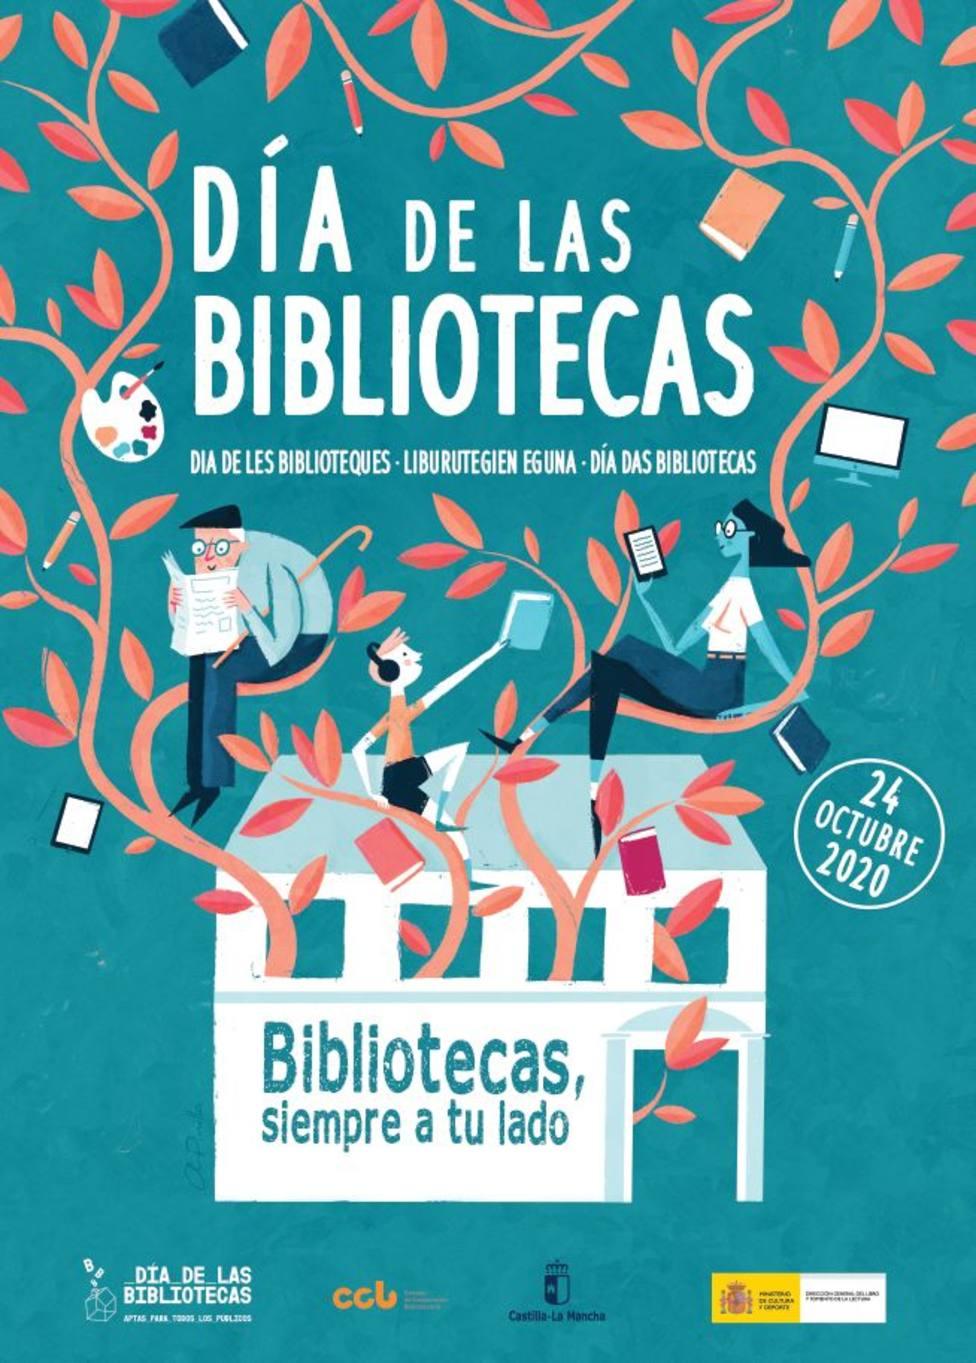 ctv-hkz-dia de las bibliotecas 2020 clm